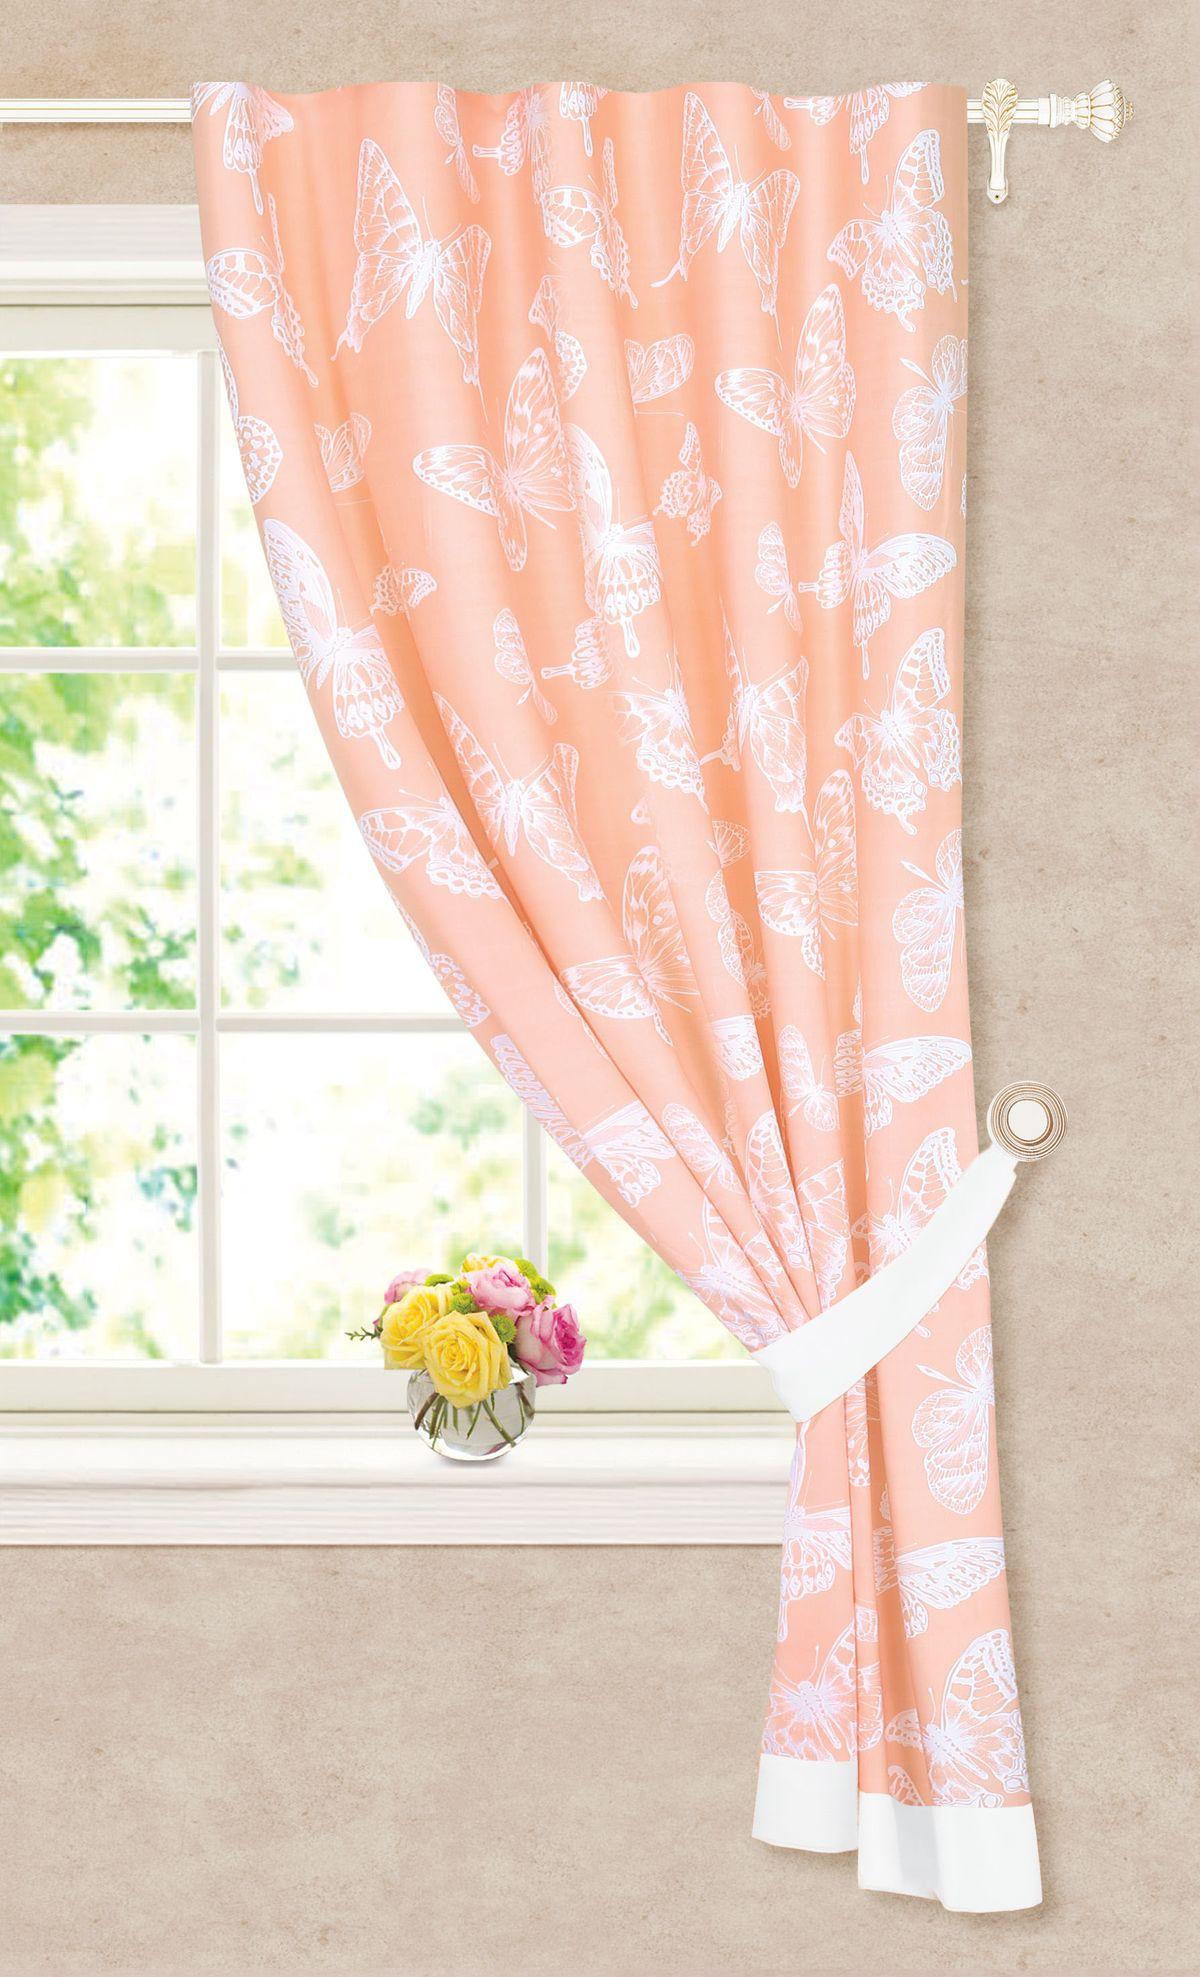 Штора готовая Garden, на ленте, c подхватом, цвет: розовый, 140х180 см. С 7302 - W2071 - W2071 V7956251325Изящная штора для кухни Garden выполнена из плотной ткани. Приятная текстура и цвет привлекут к себе внимание и органично впишутся в интерьер кухни. Штора крепится на карниз при помощи ленты, которая поможет красиво и равномерно задрапировать верх.